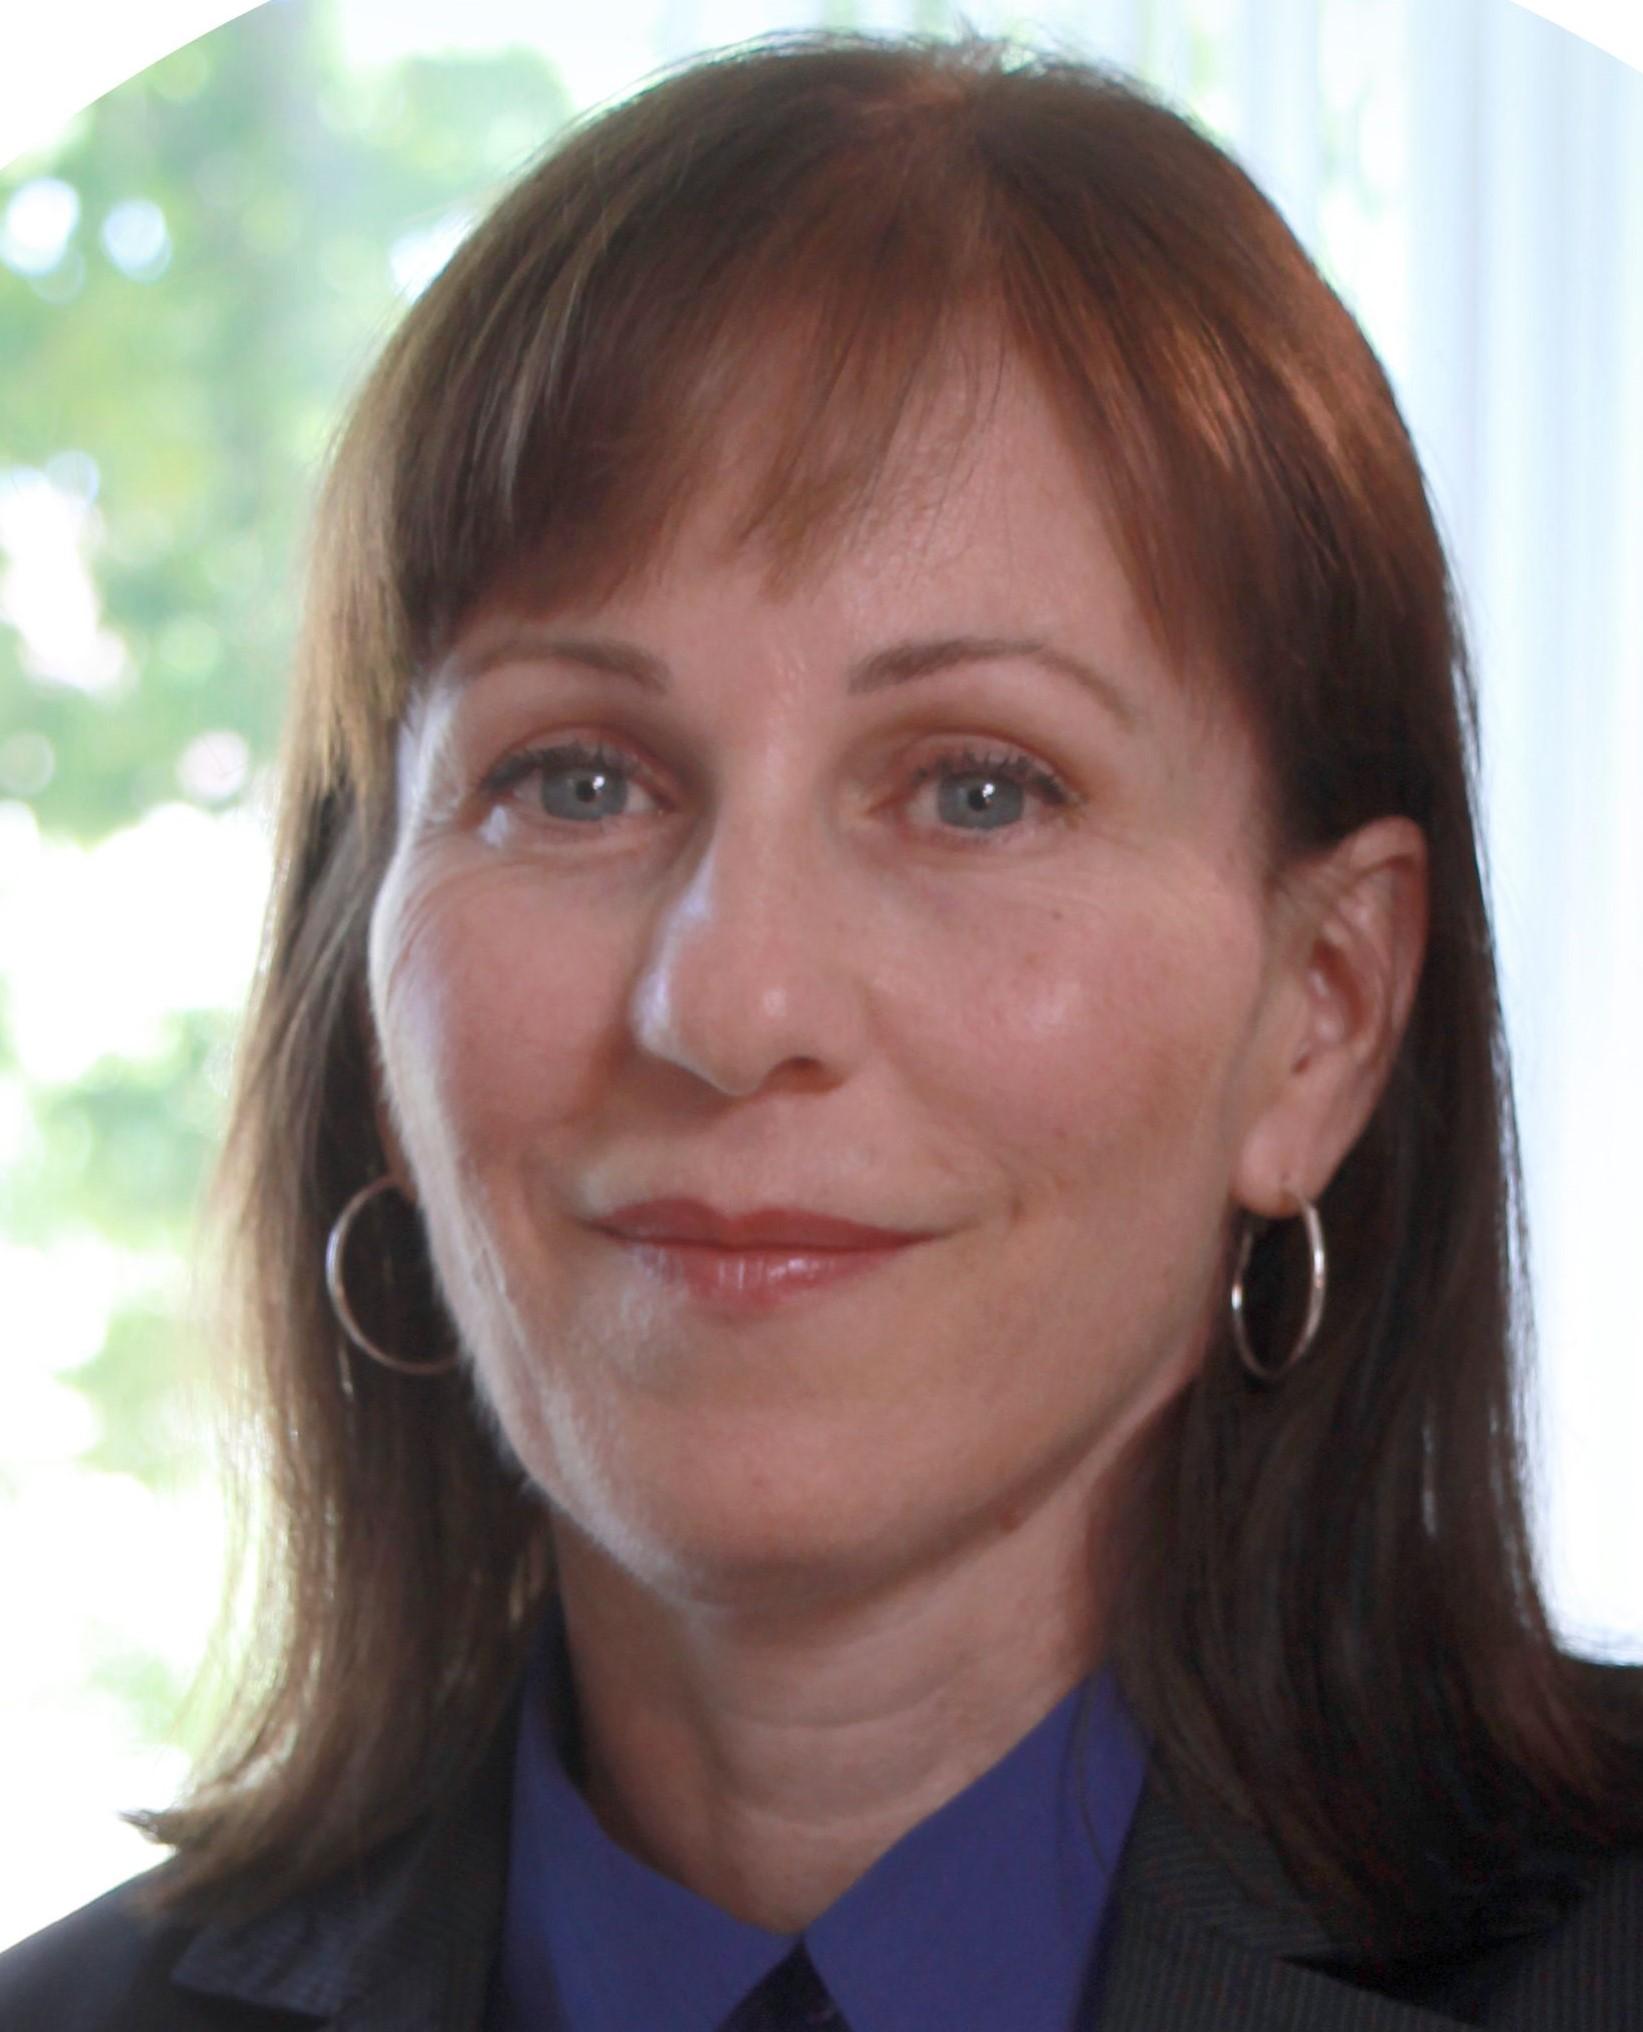 ANN MARIE GAUDON